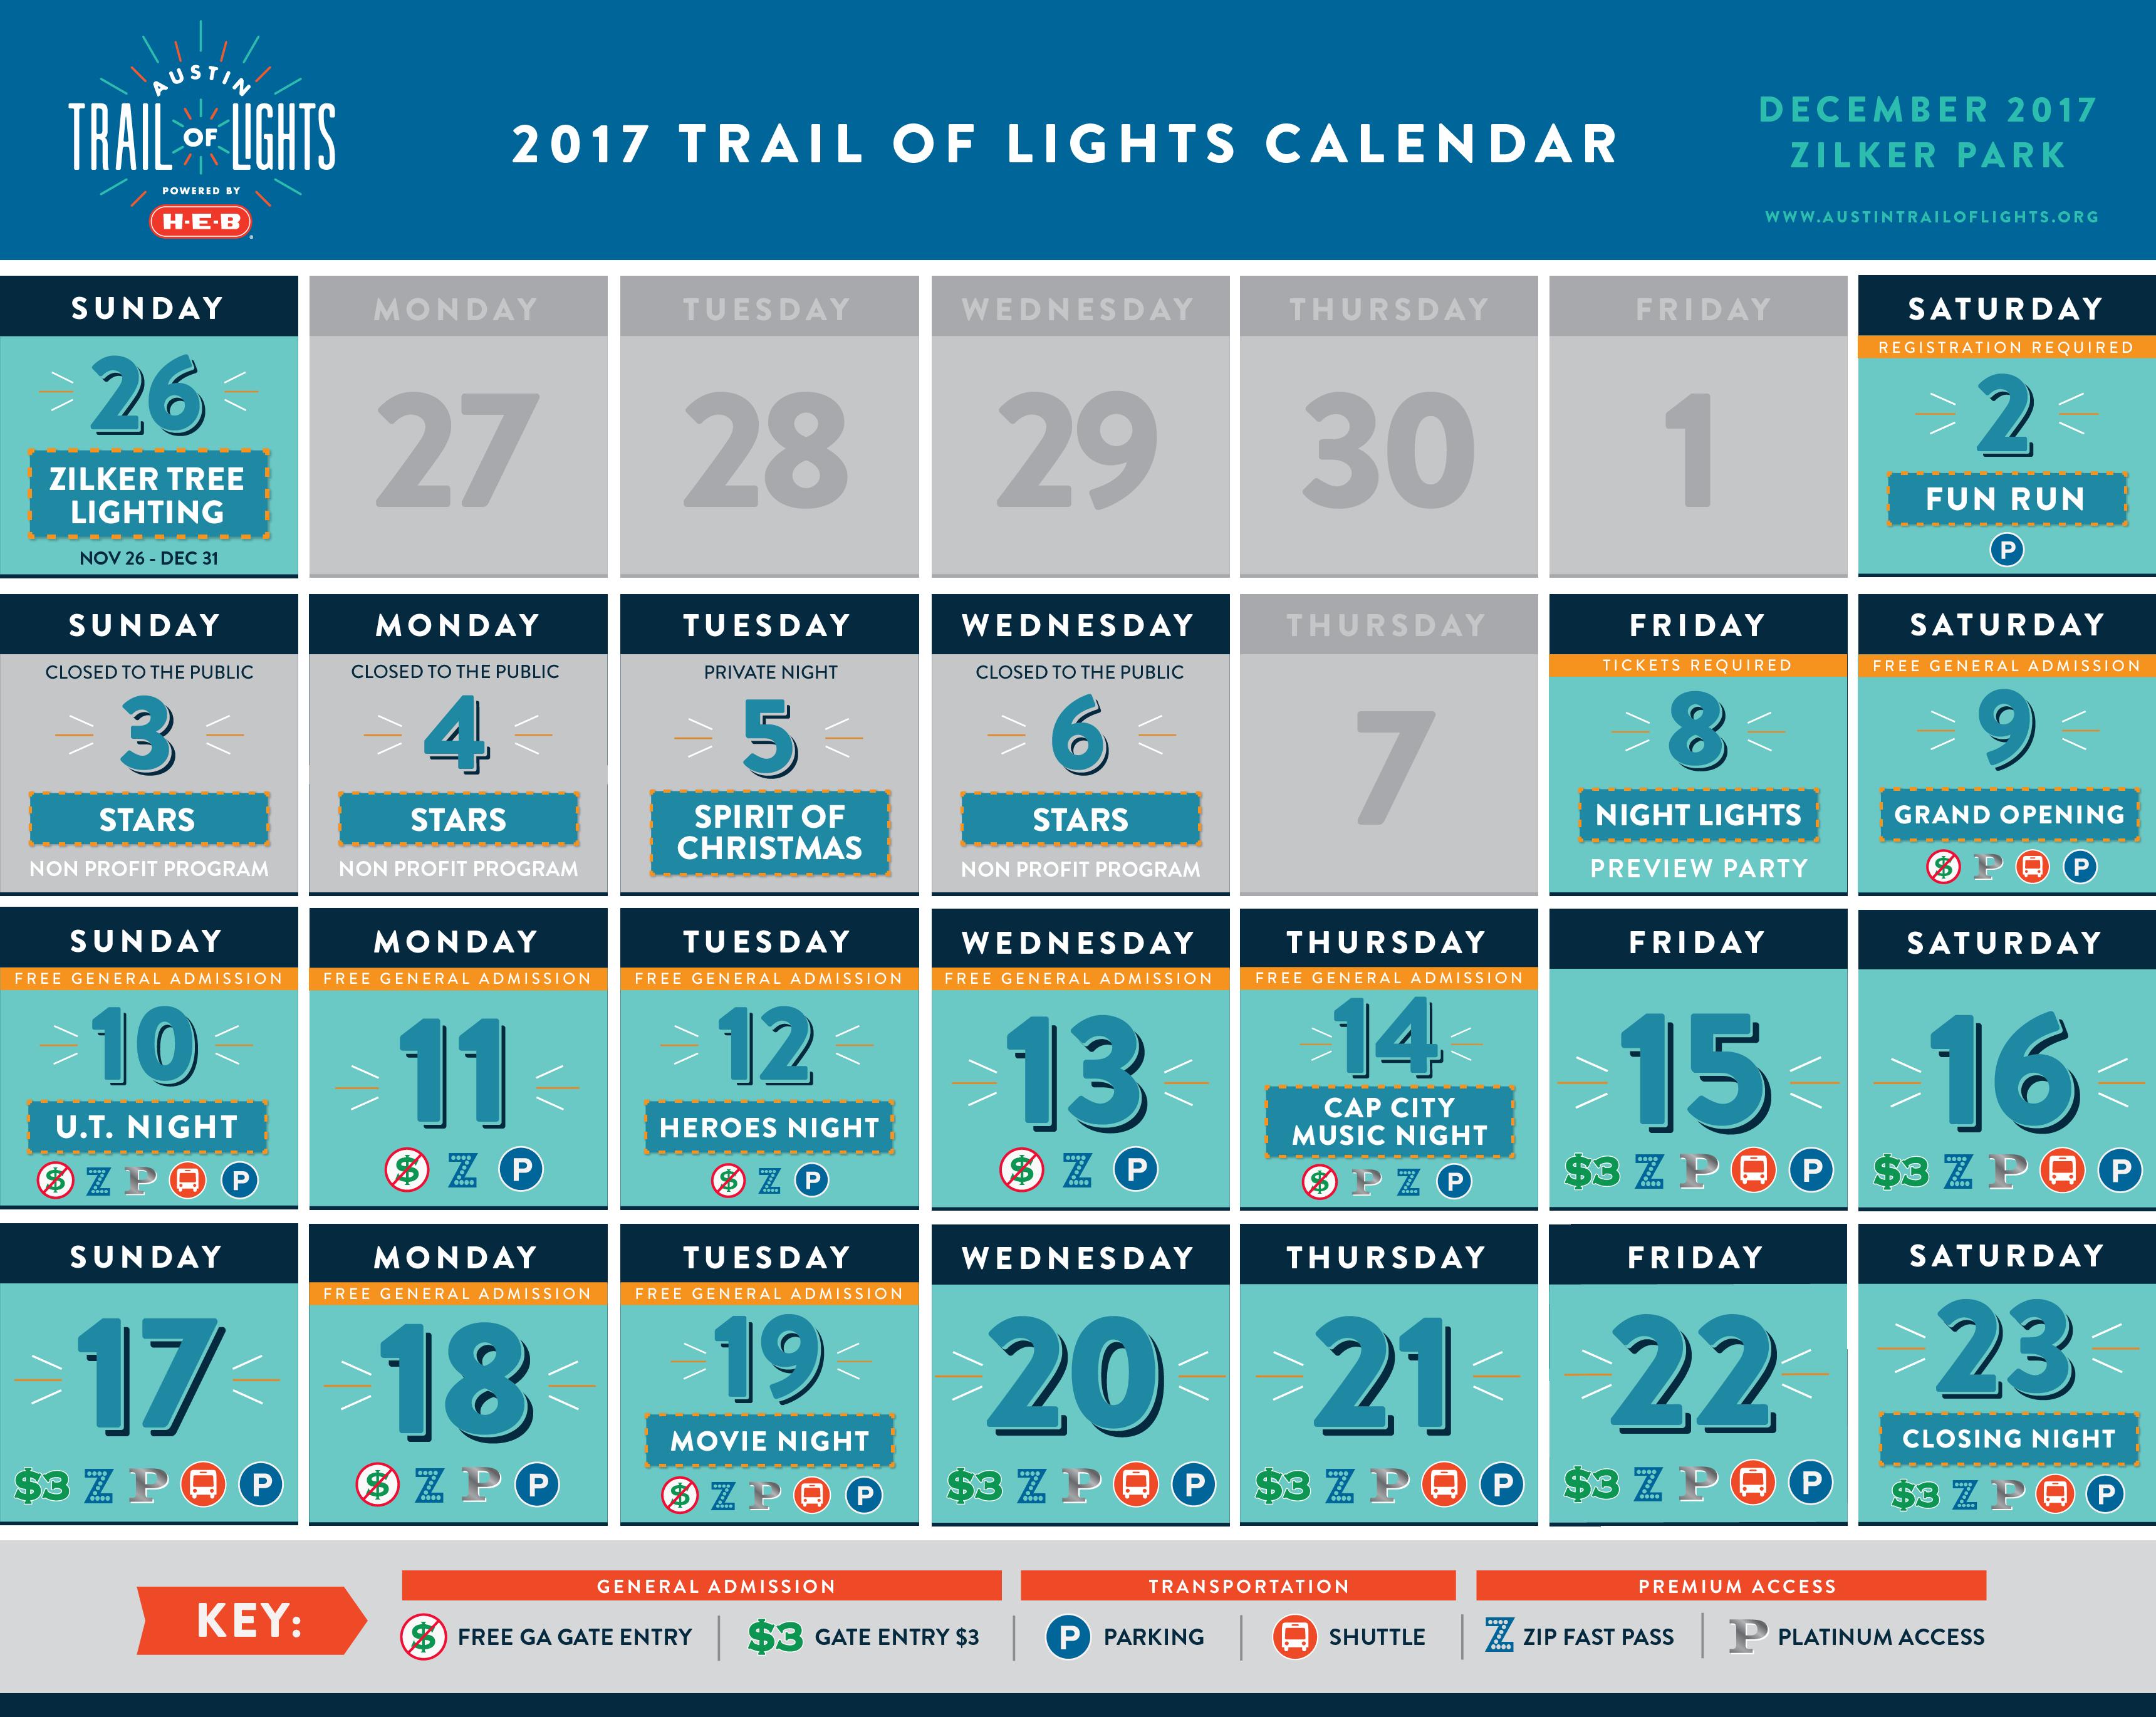 2017 Trail of Lights Calendar